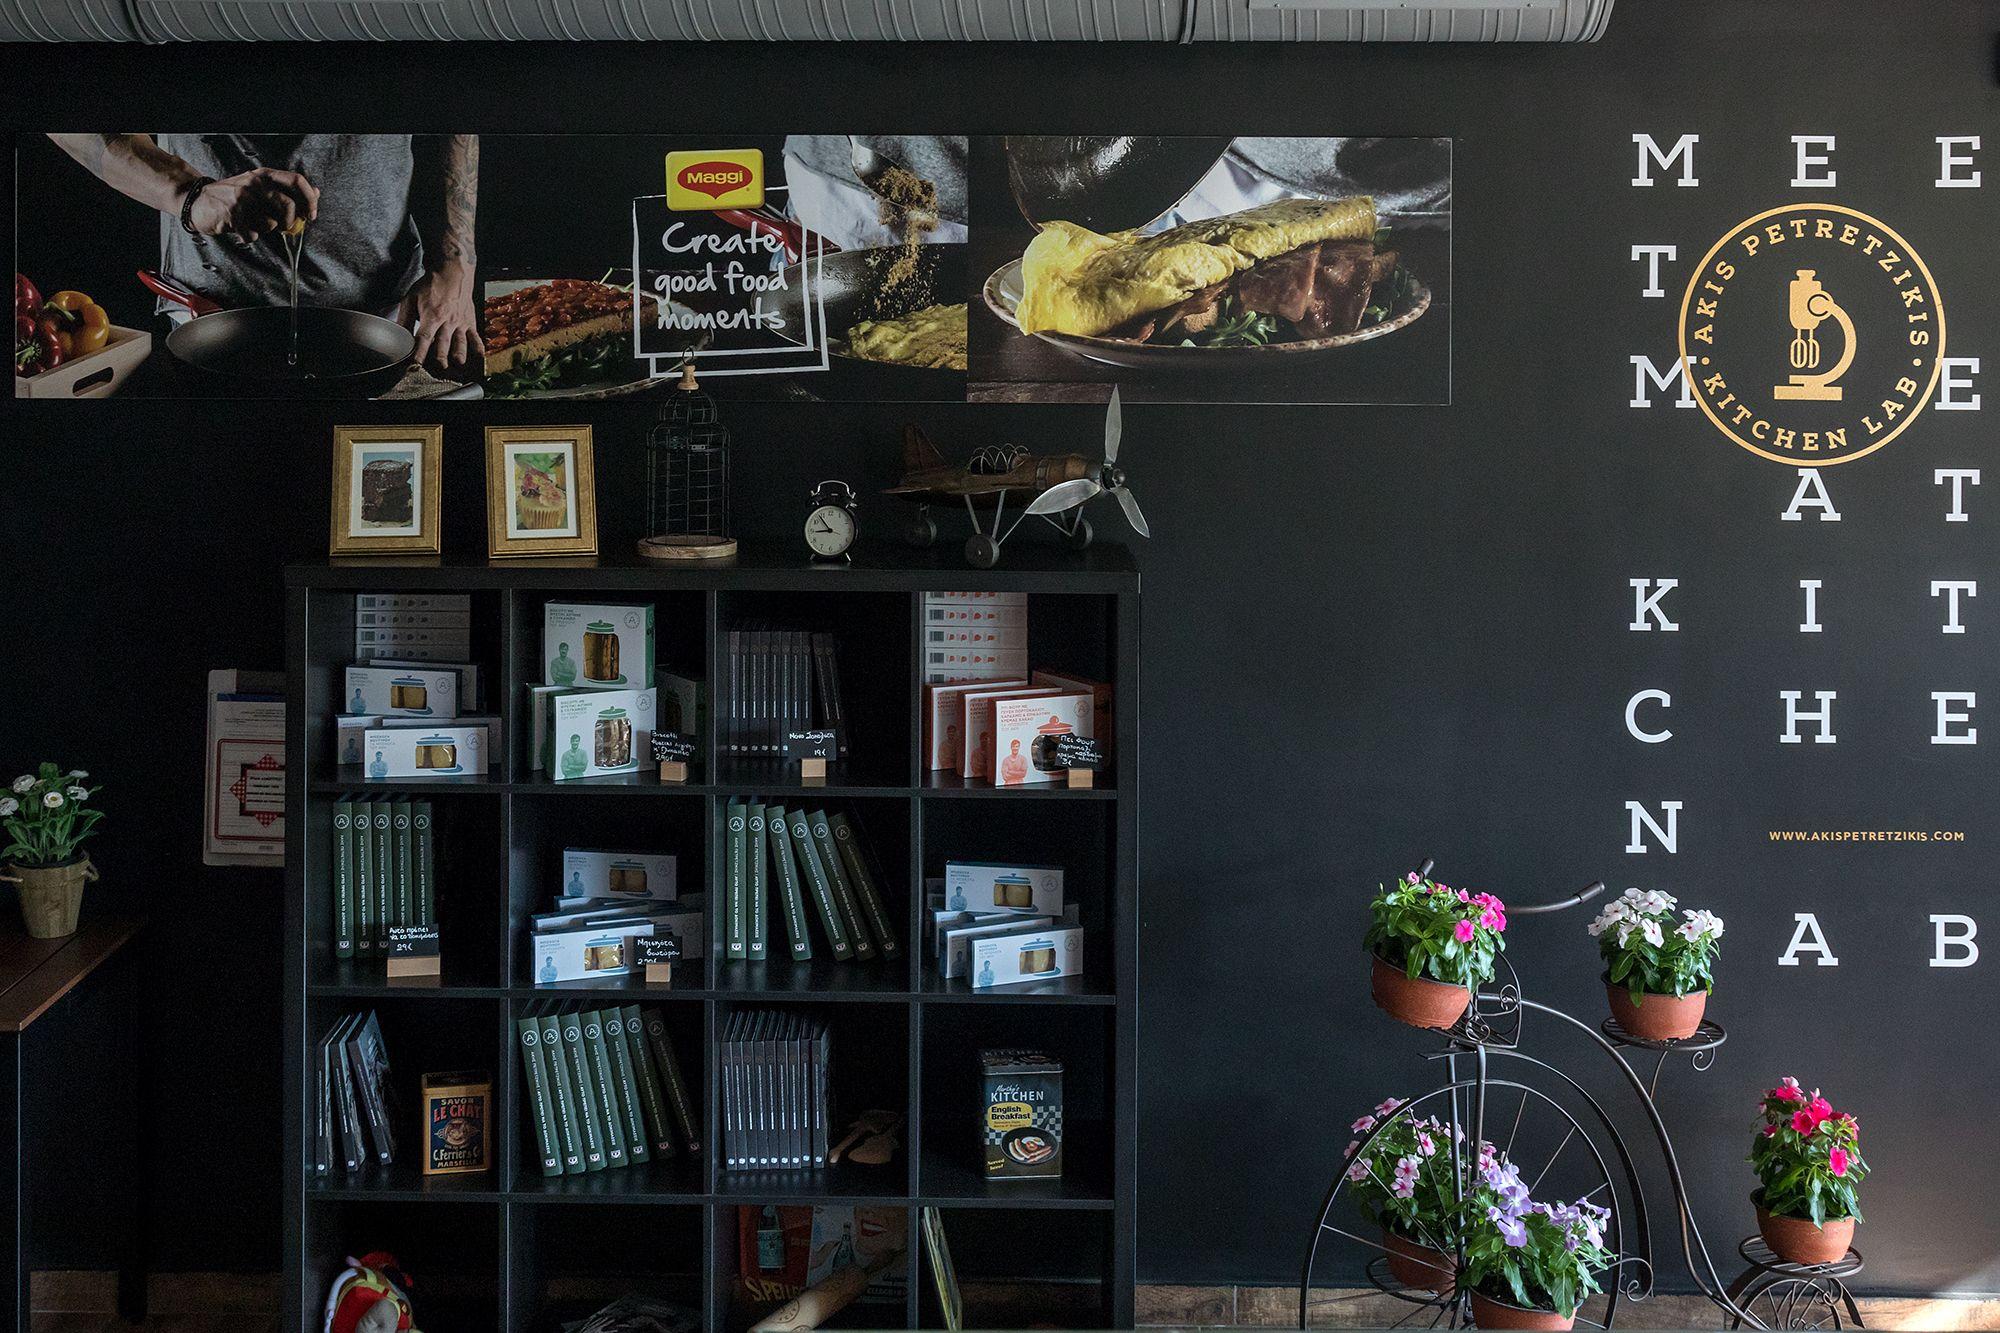 Akis petretzikis kitchenlab architectural